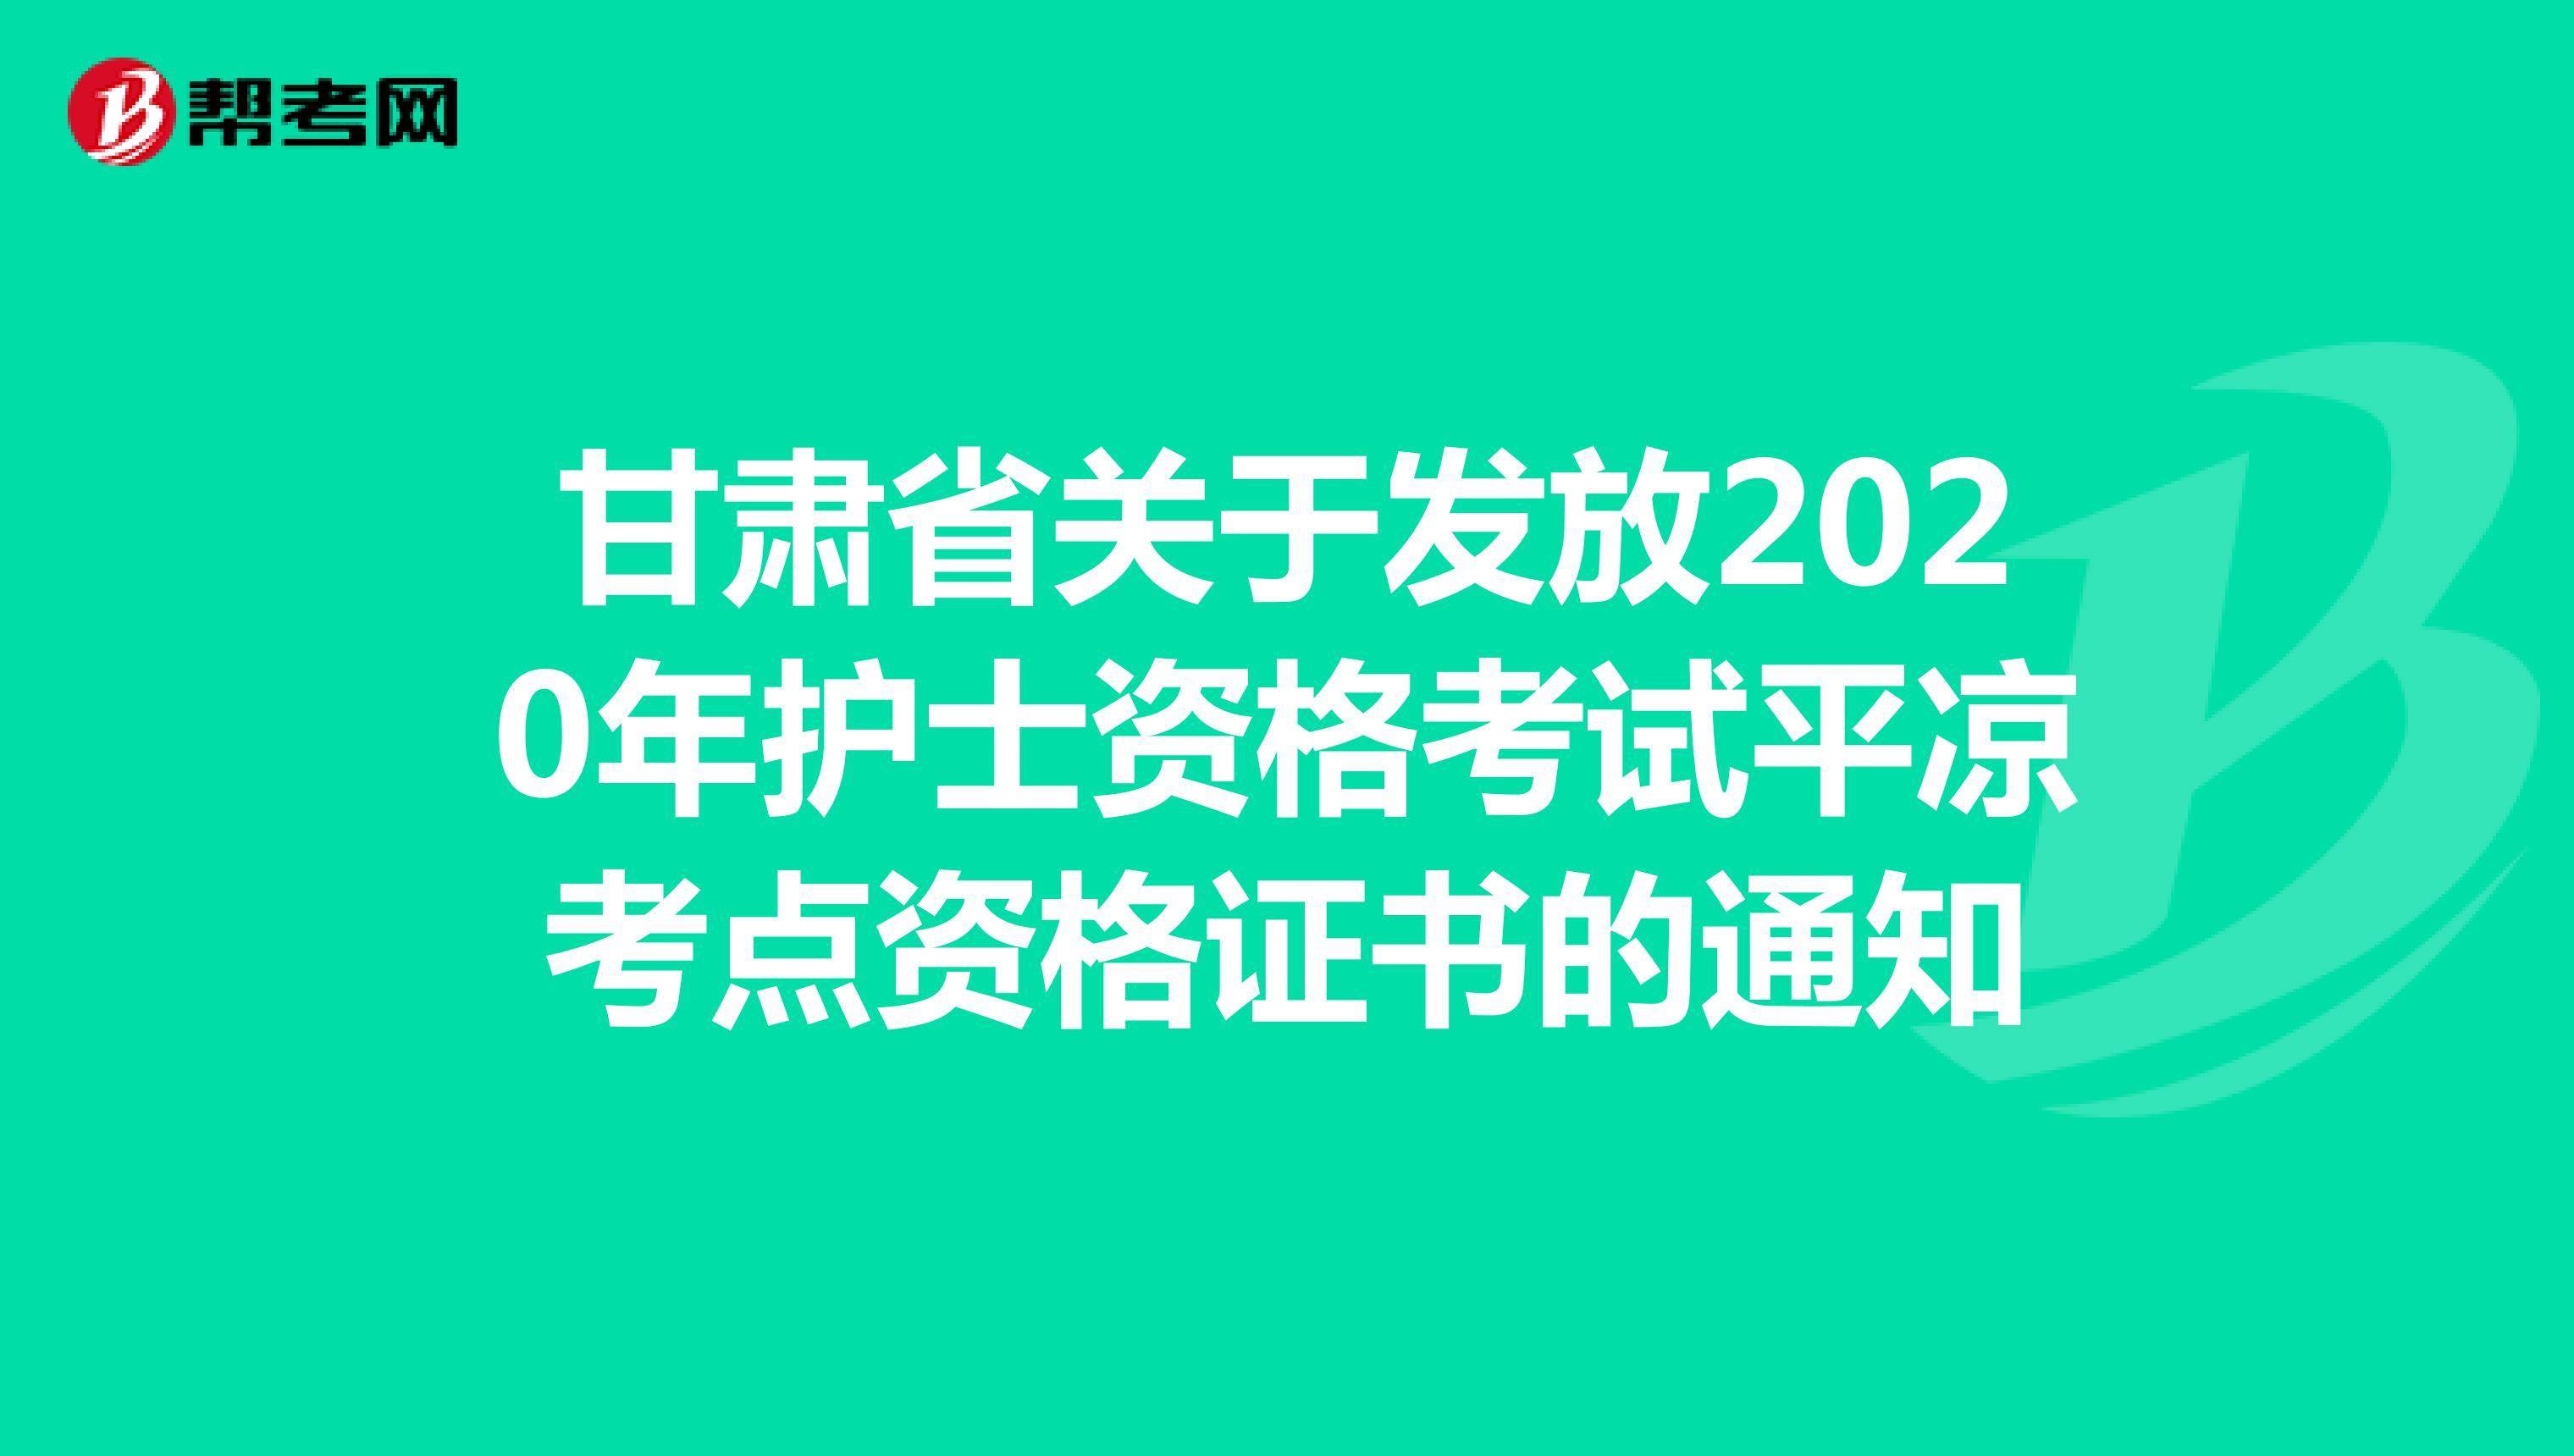 甘肅省關于發放2020年護士資格考試平涼考點資格證書的通知